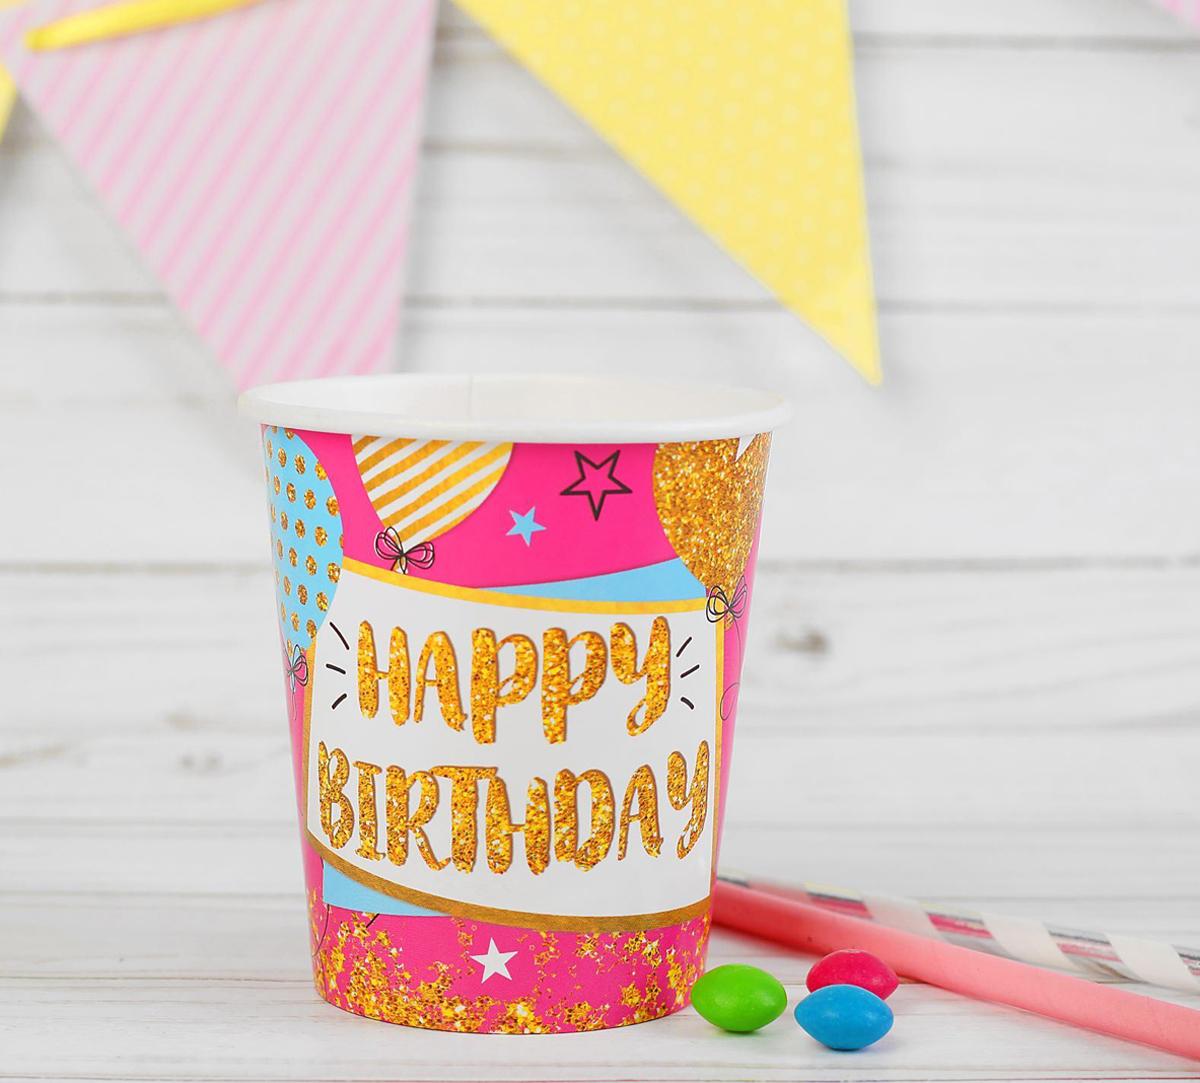 Страна Карнавалия Стакан бумажный С Днем рождения праздник 250 мл 1 шт страна карнавалия шар воздушный с днем рождения корона 5 шт